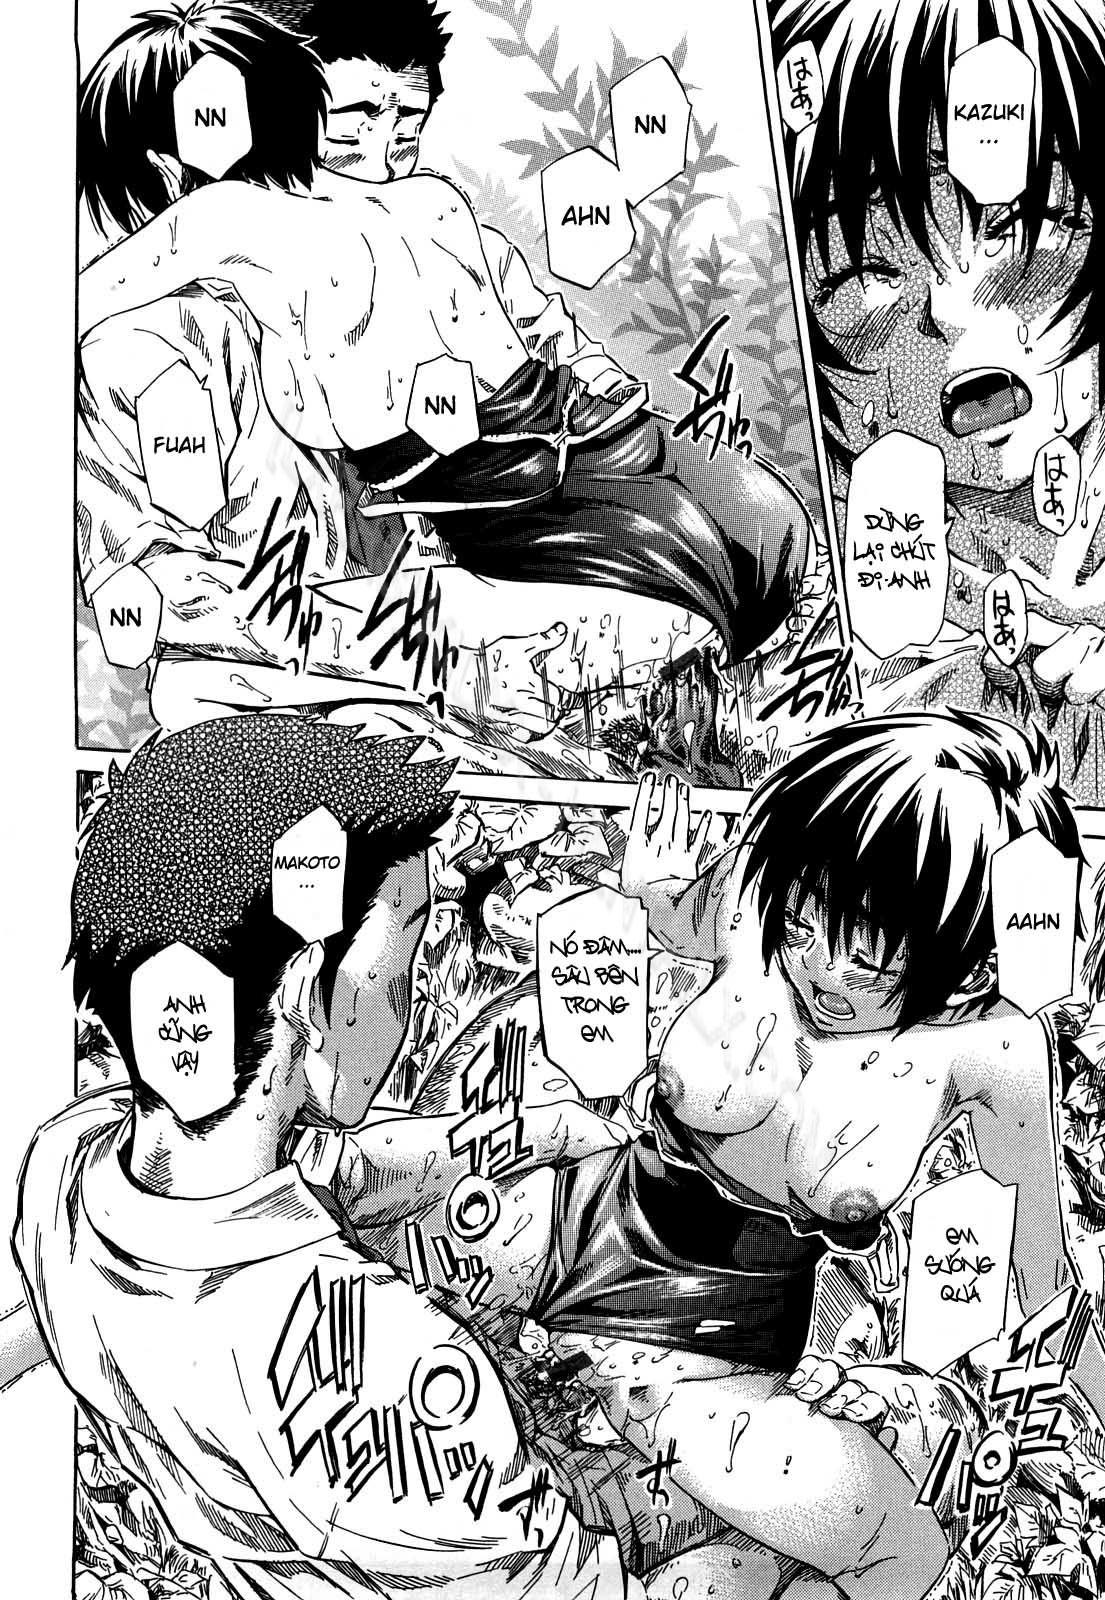 Hình ảnh 102kanojo ga koibito wo suki trong bài viết Hãy thức tỉnh thú tính dâm dục trong em